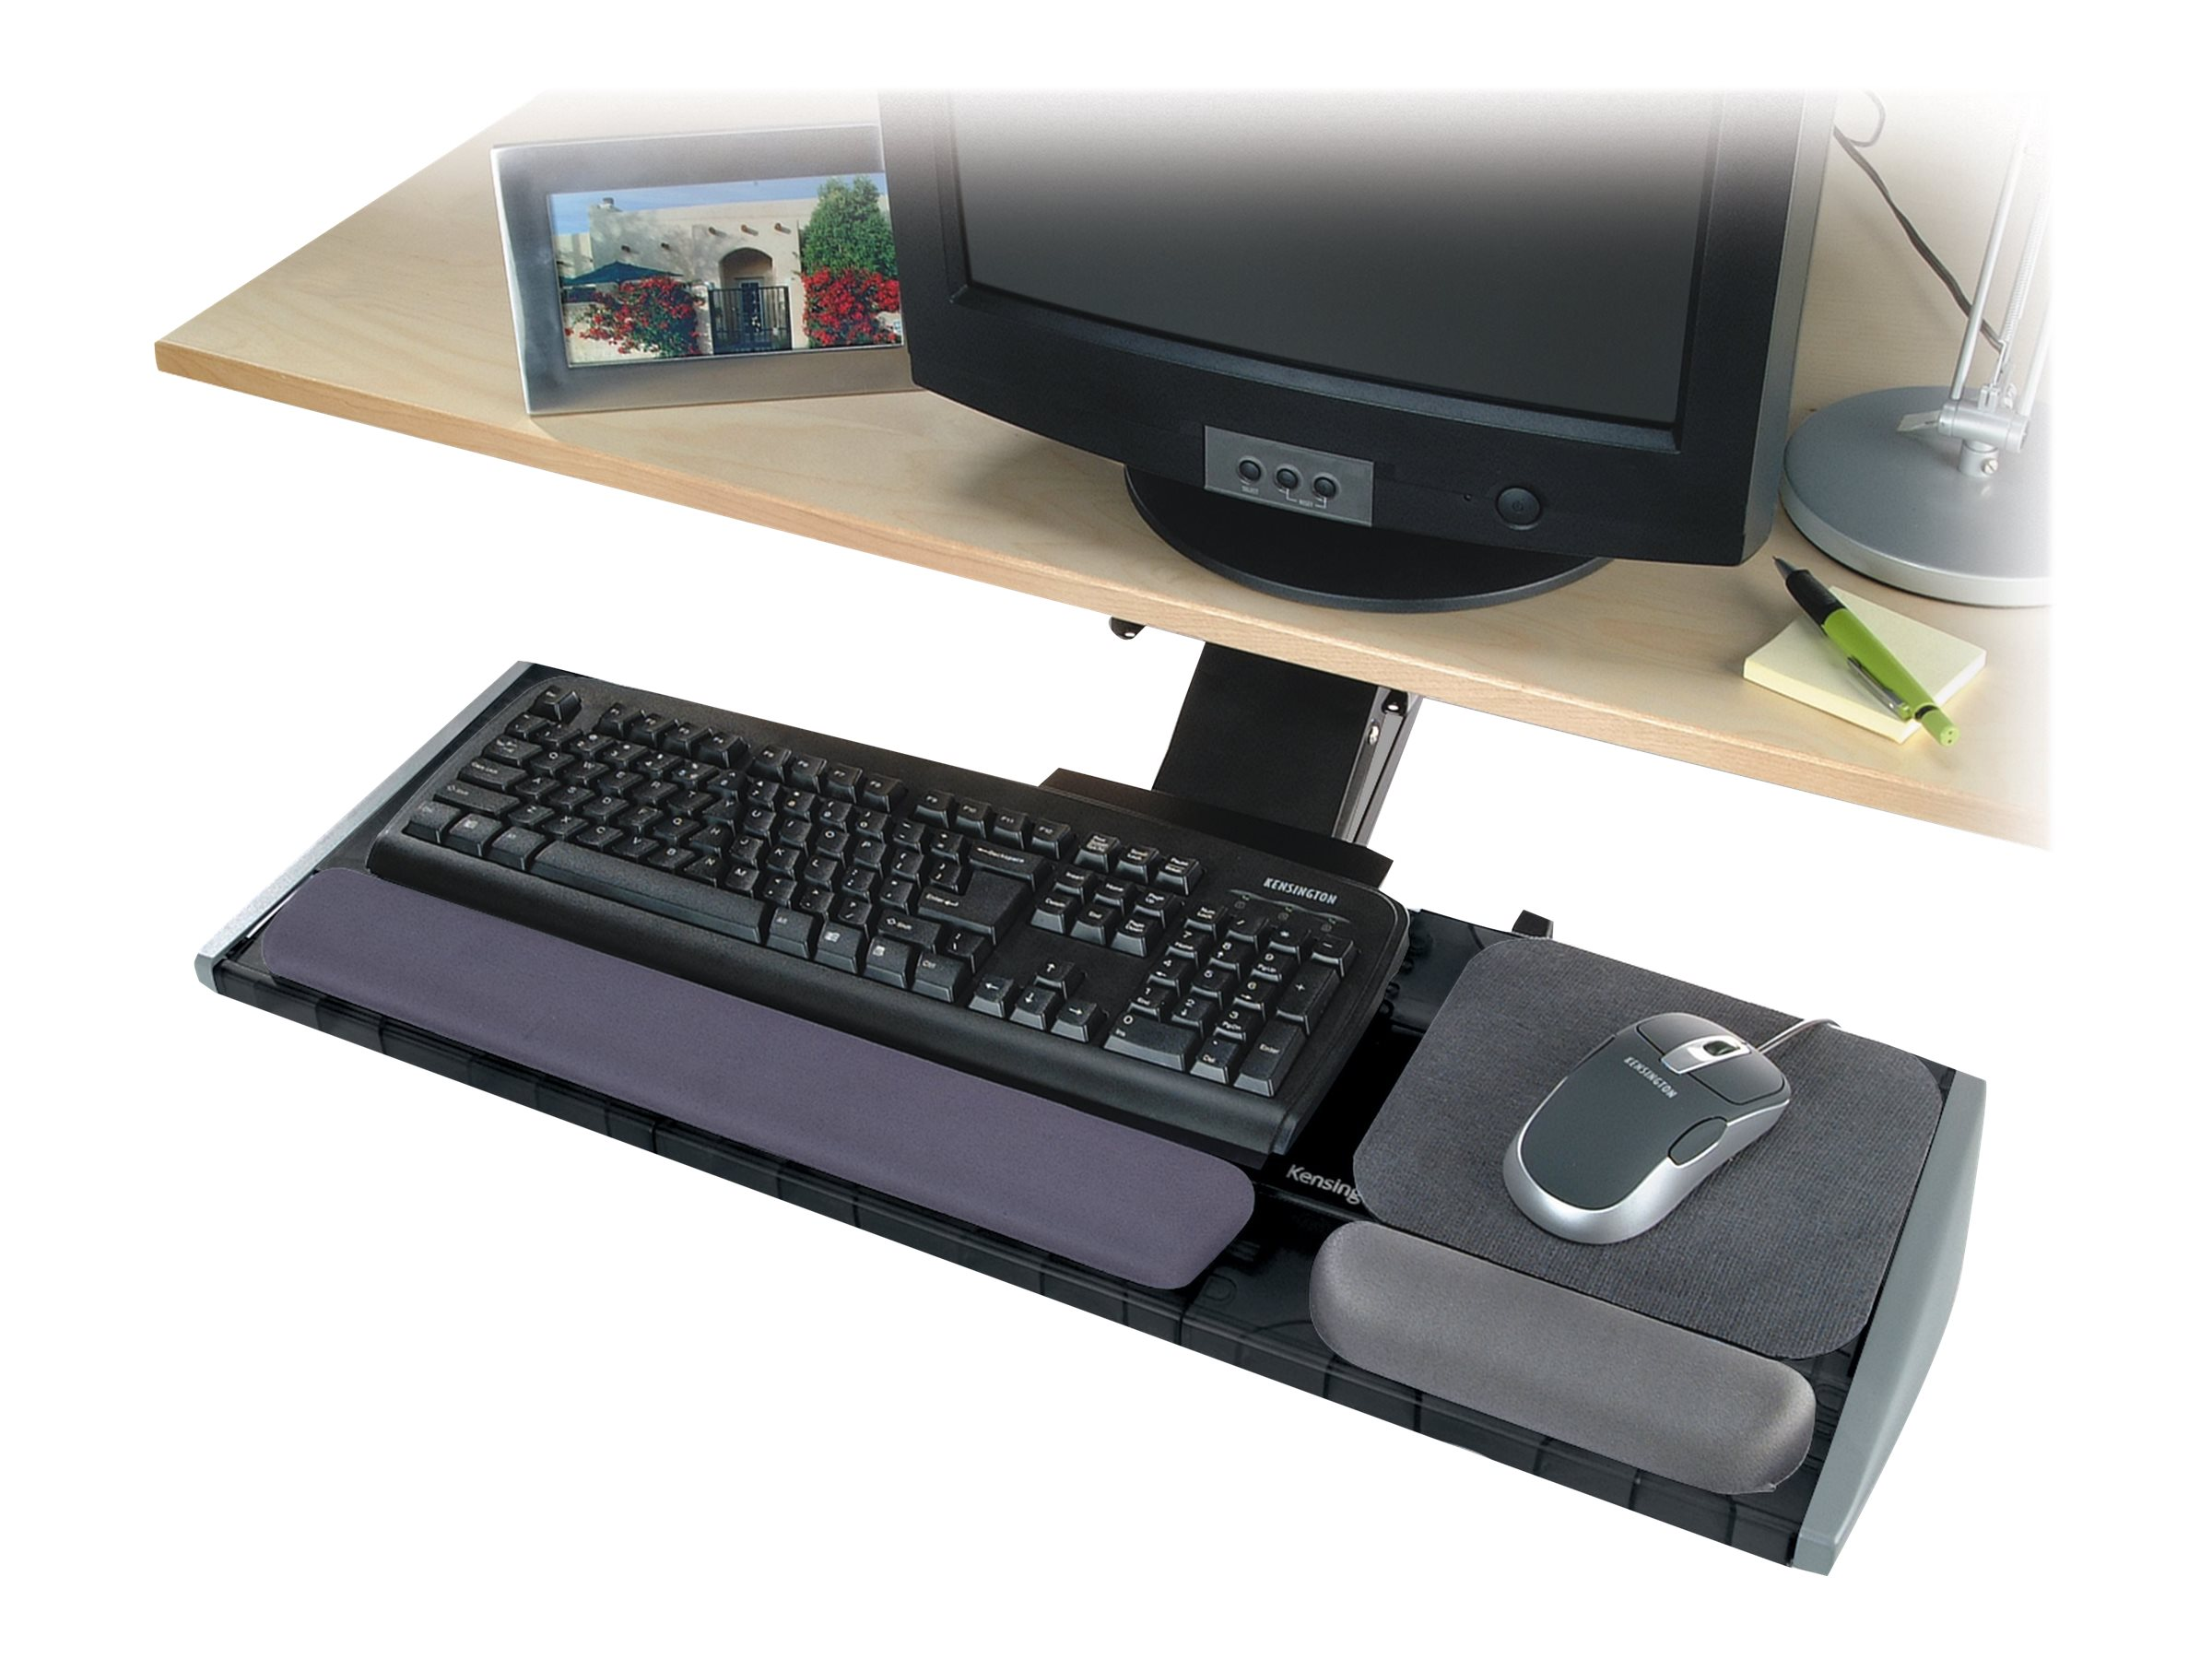 Kensington Underdesk Adjustable Keyboard Platform - keyboard and mouse platform with wrist pillow